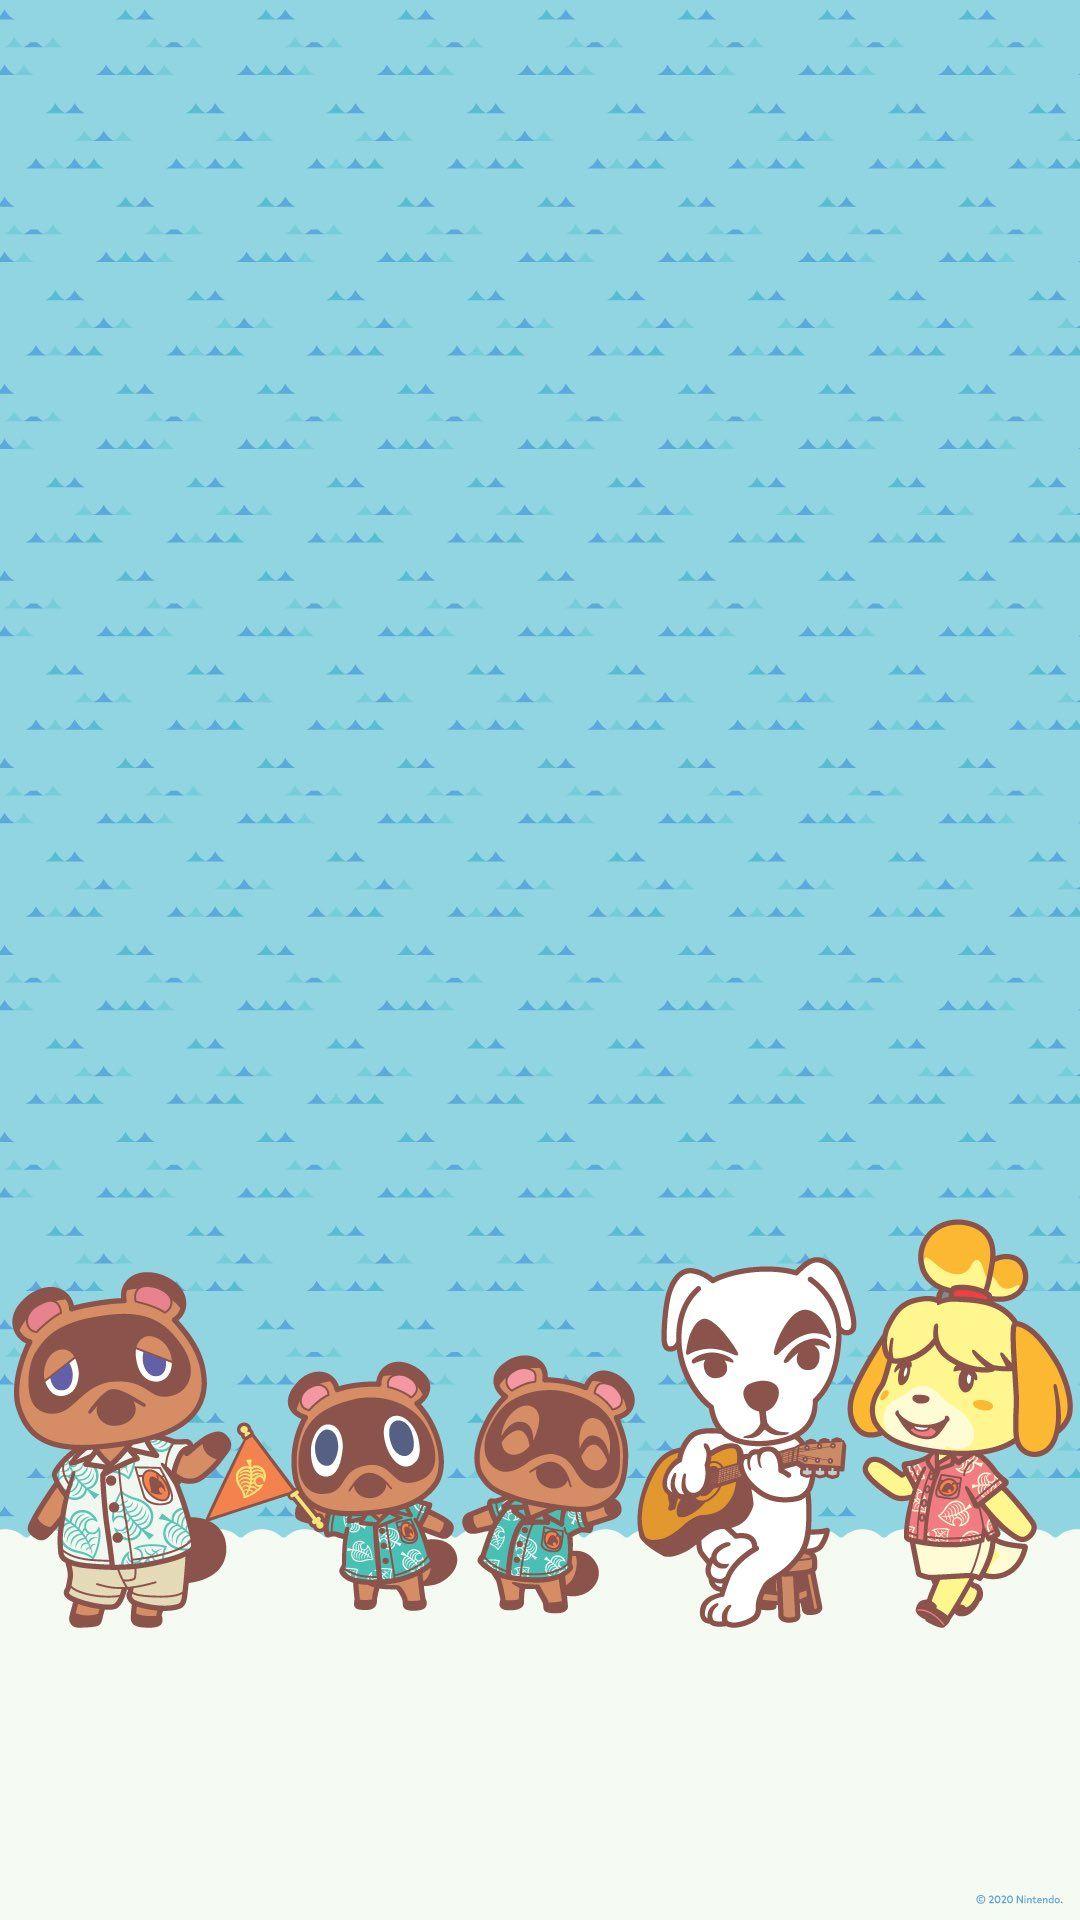 Animal crossing phone wallpaper